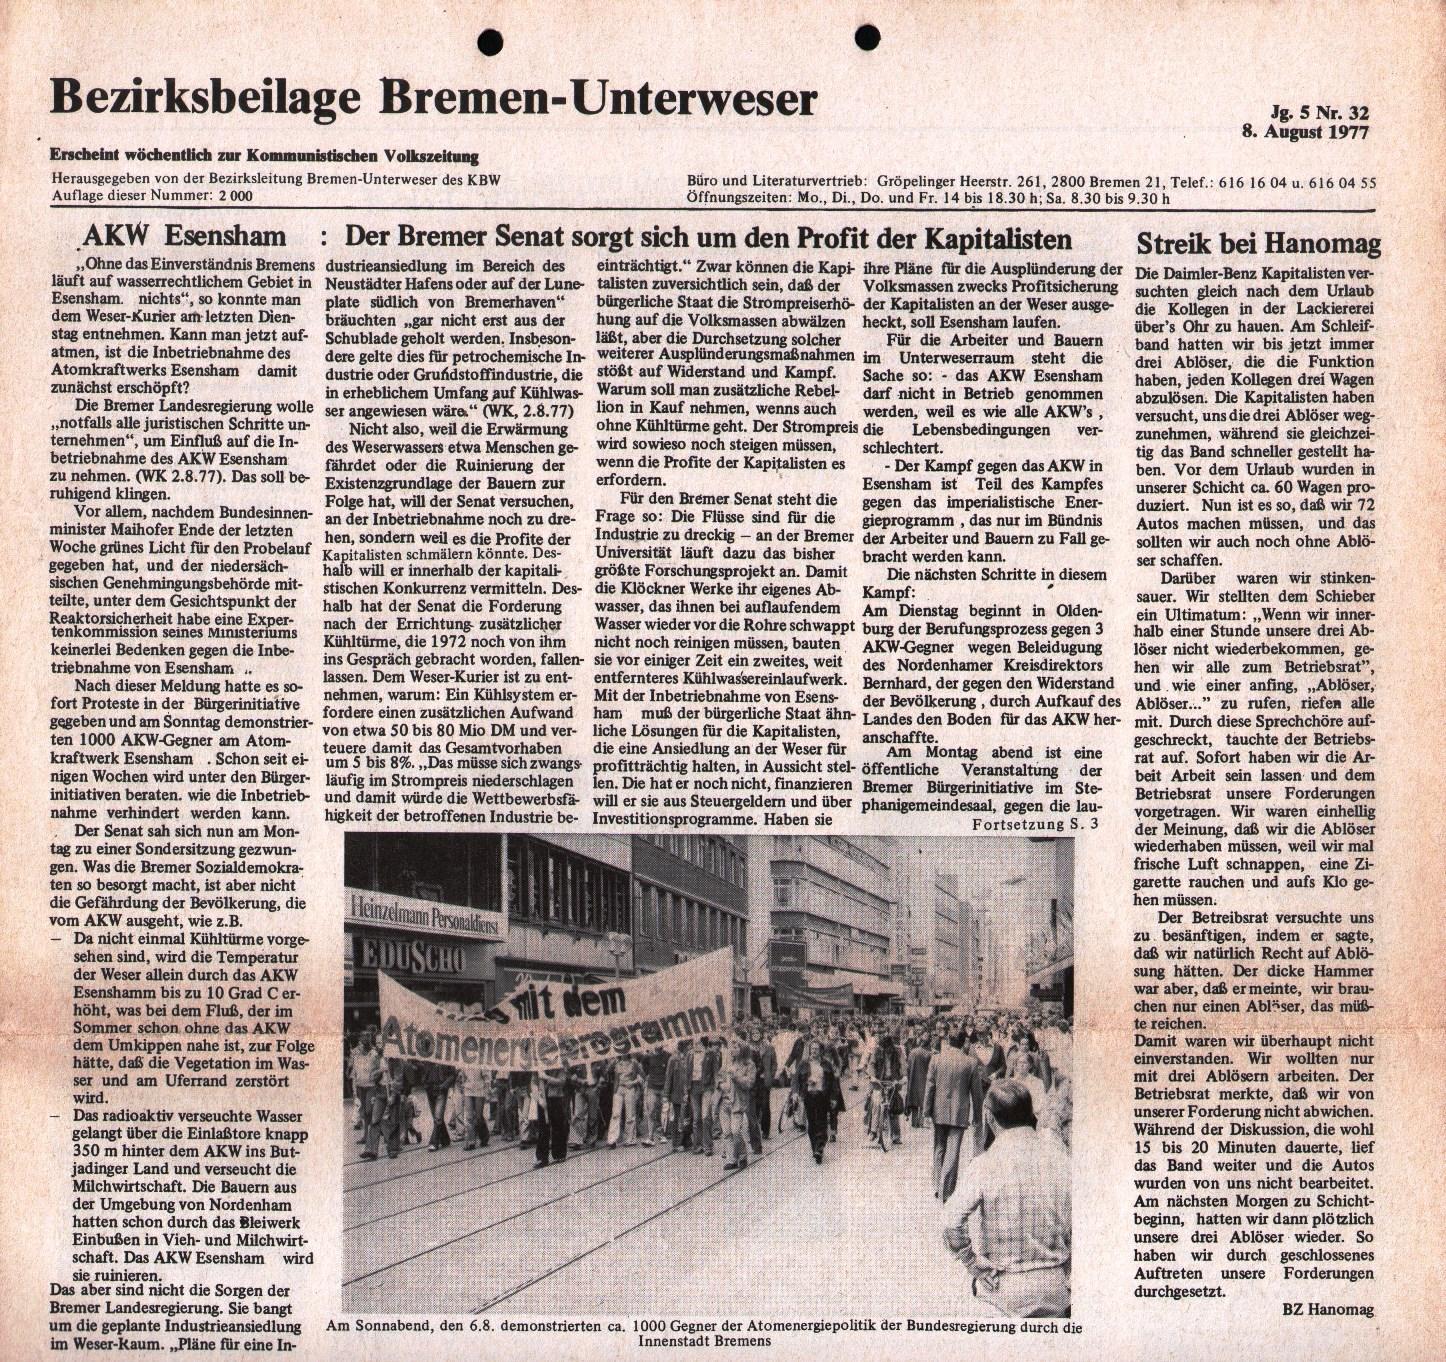 Bremen_Unterweser_KBW268